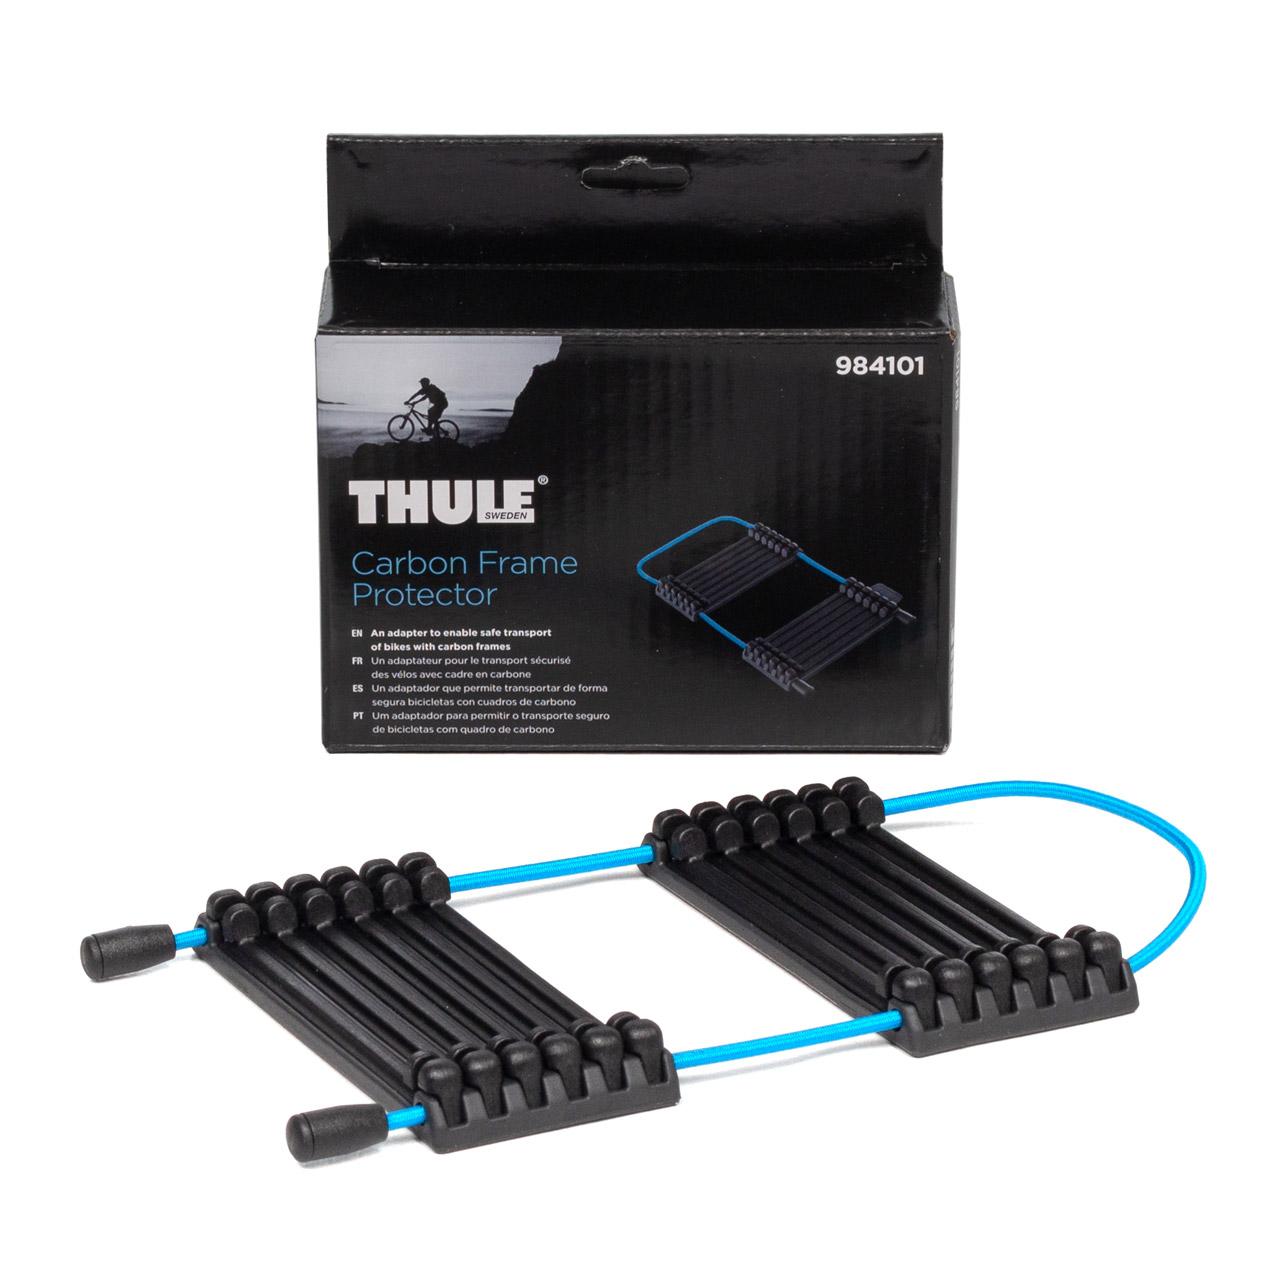 THULE 984 Carbon Frame Protector Rahmenschutz für Carbonfahrräder 984000